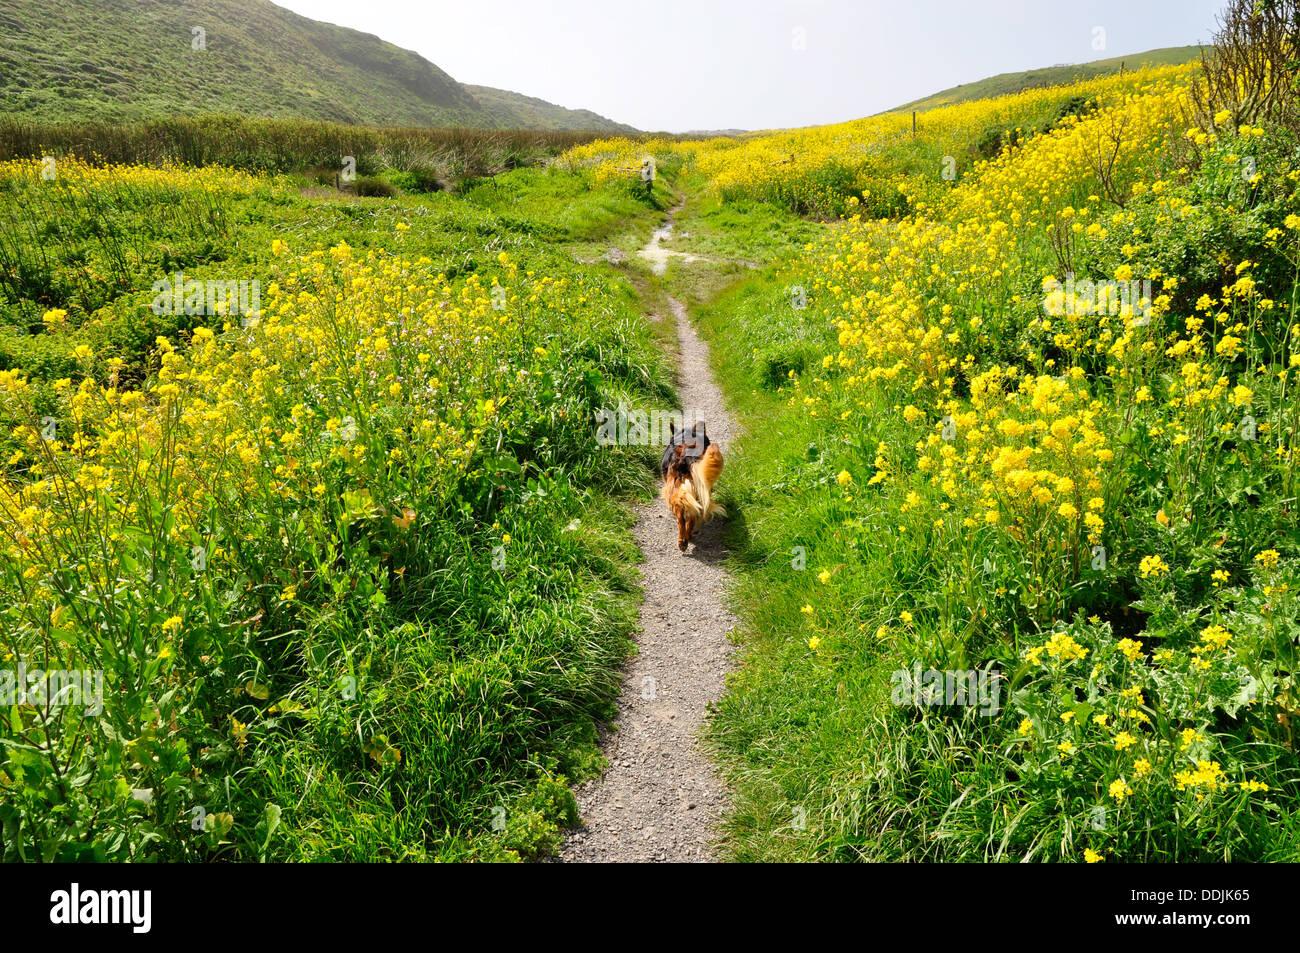 Dog walking on path in Pt Reyes National Seashore - Stock Image